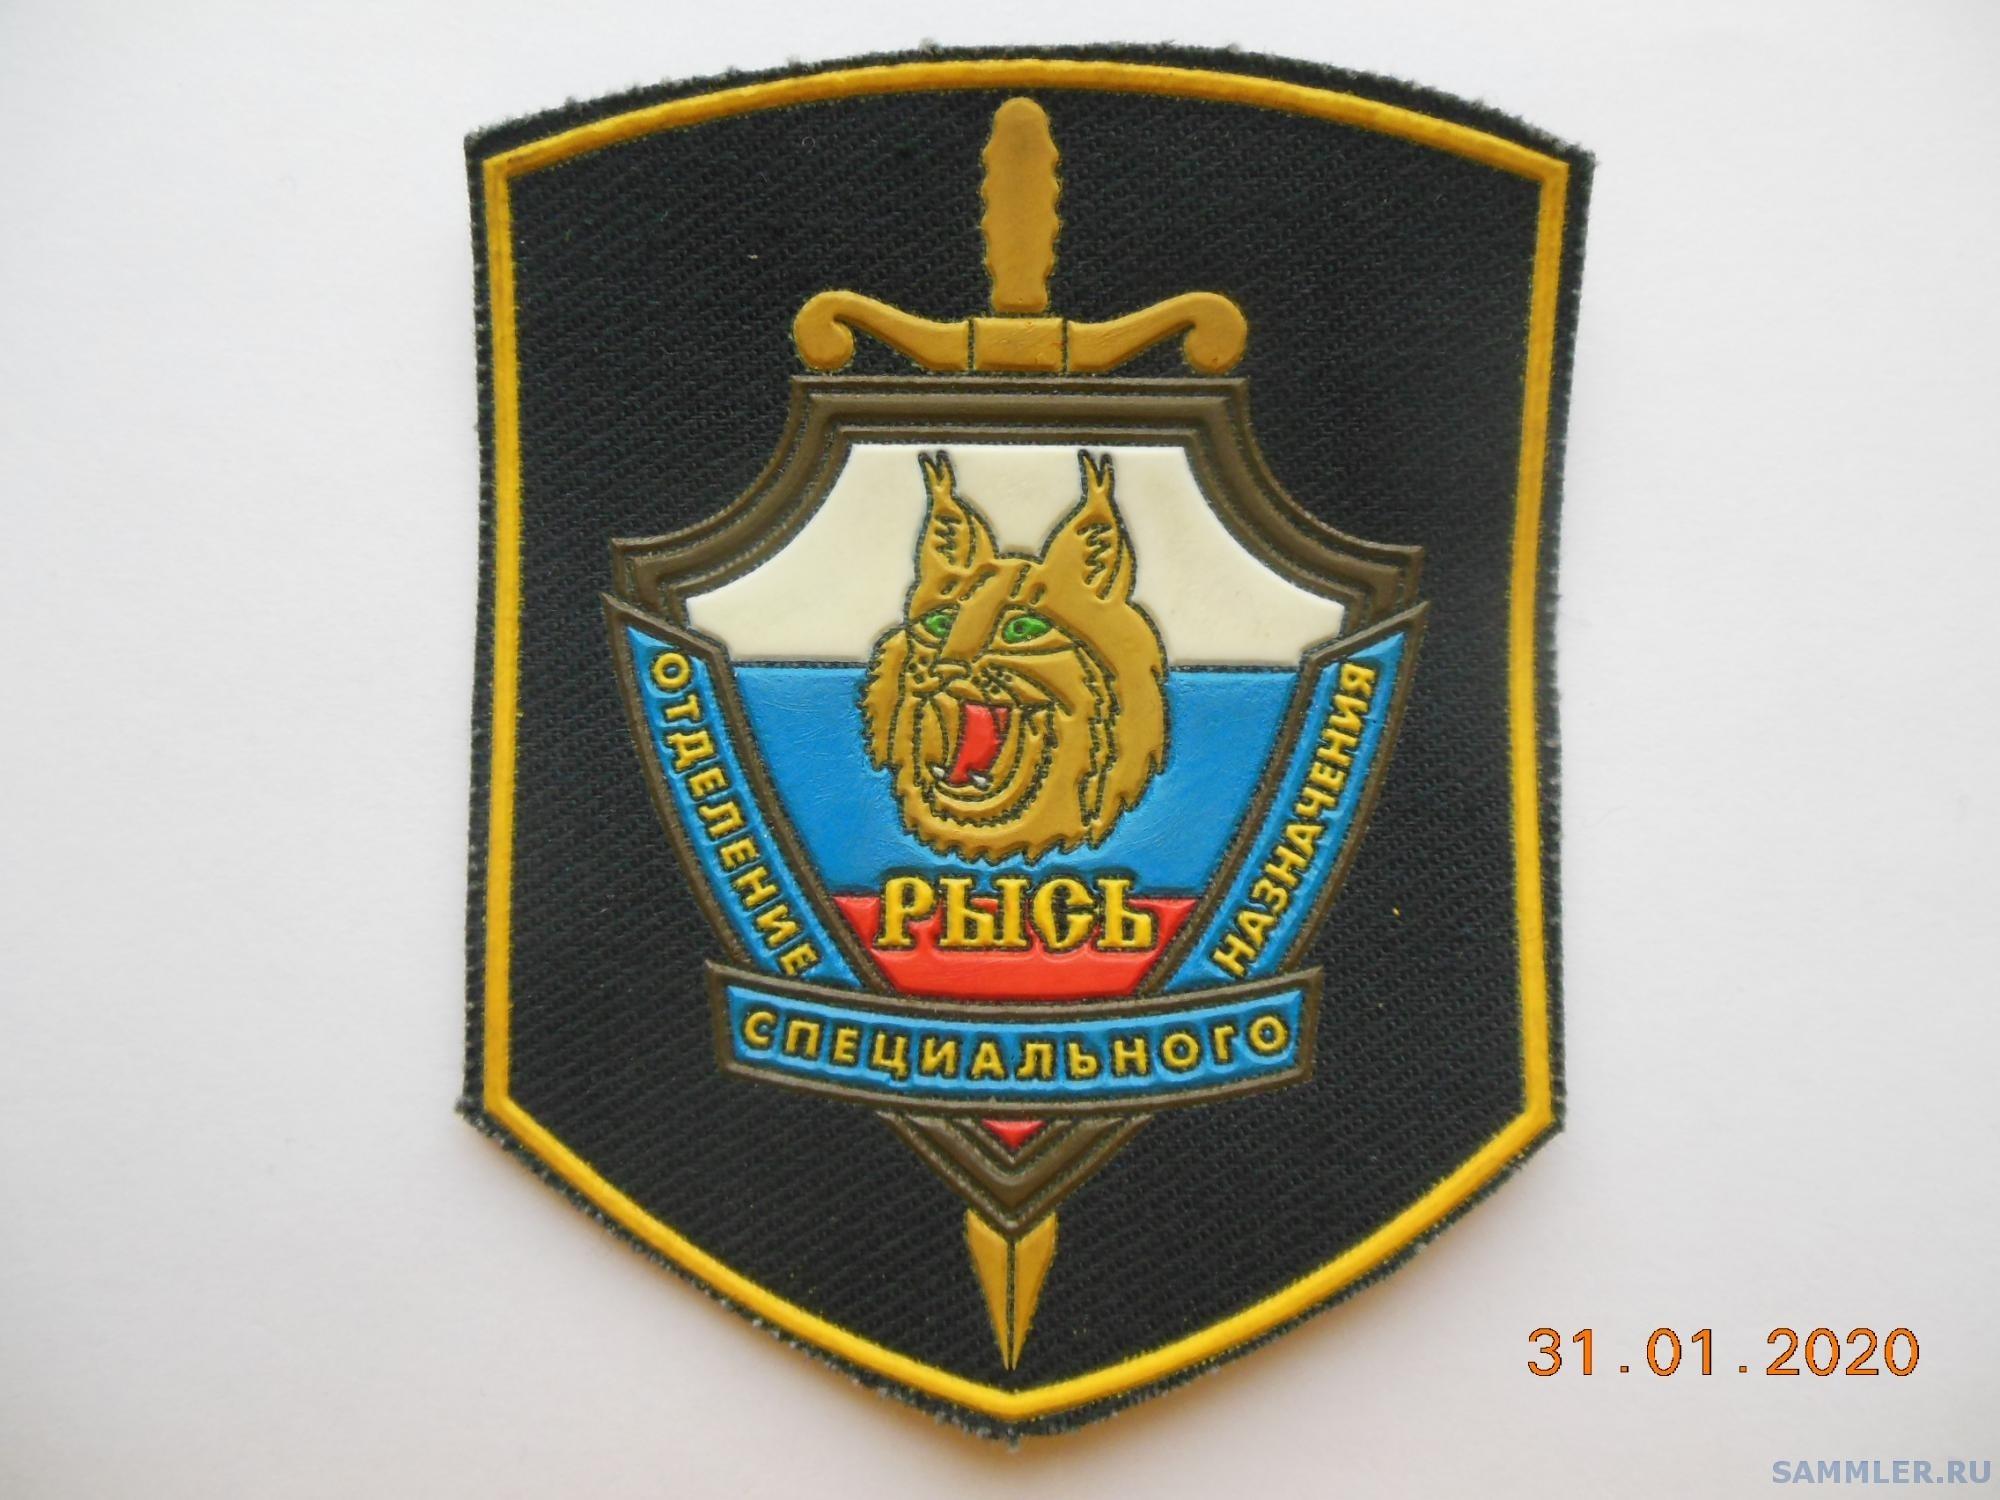 DSCN9785.JPG